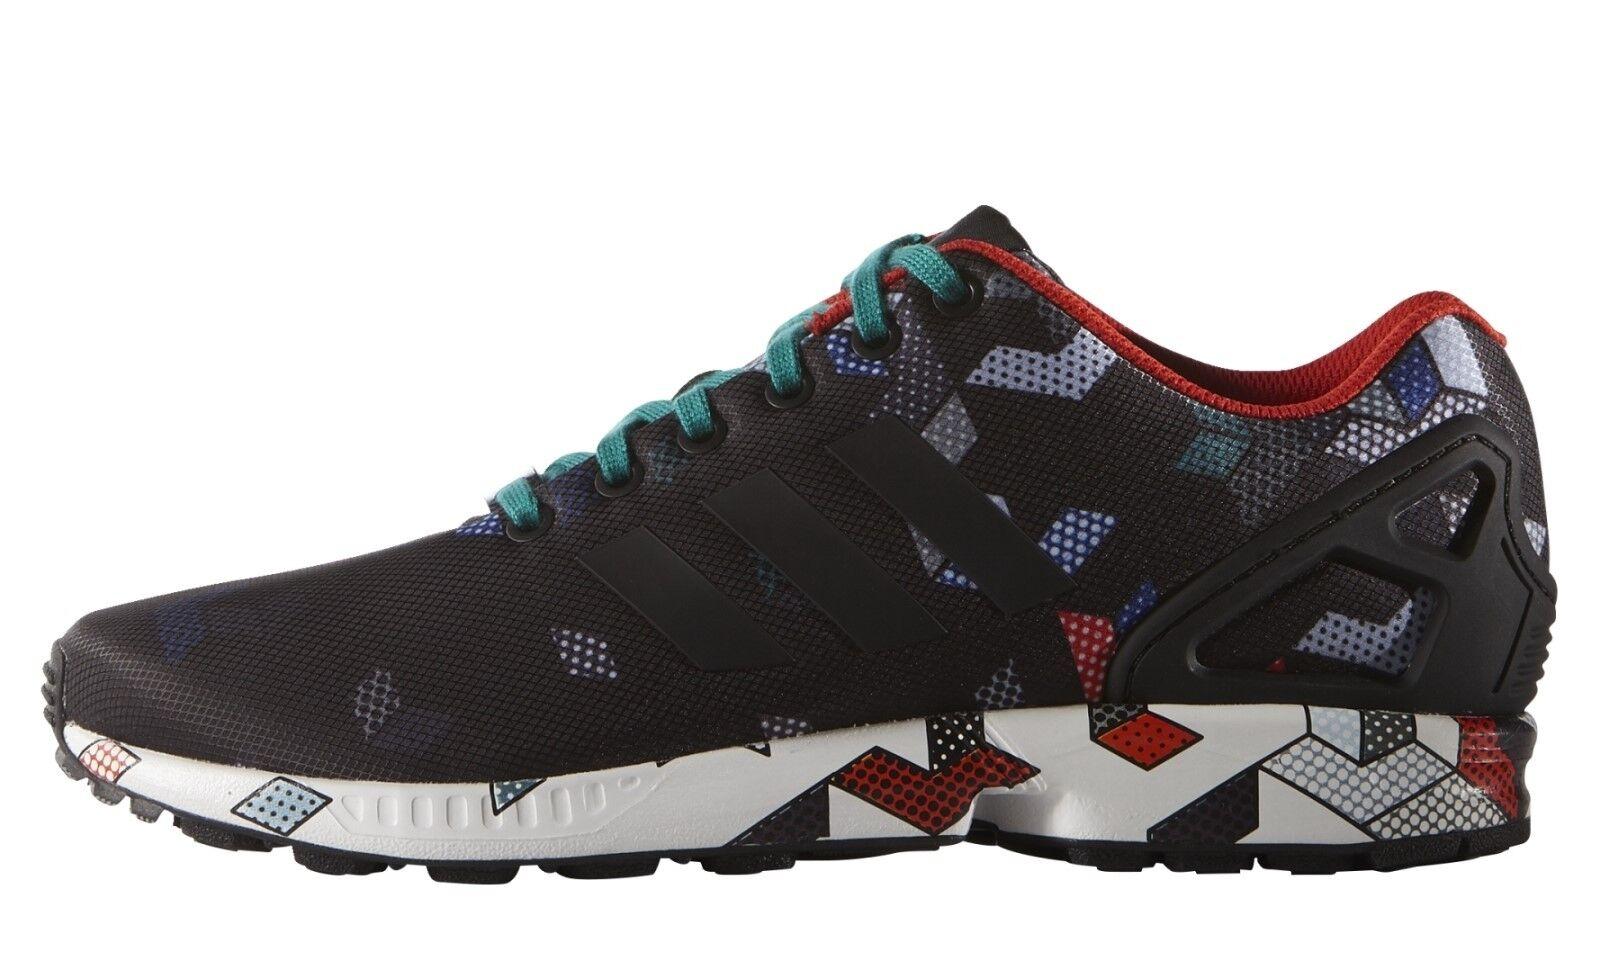 adidas Schuhe ZX FLUX S79095 schwarz Sneakers Schnürschuhe Turnschuhe NEU SALE